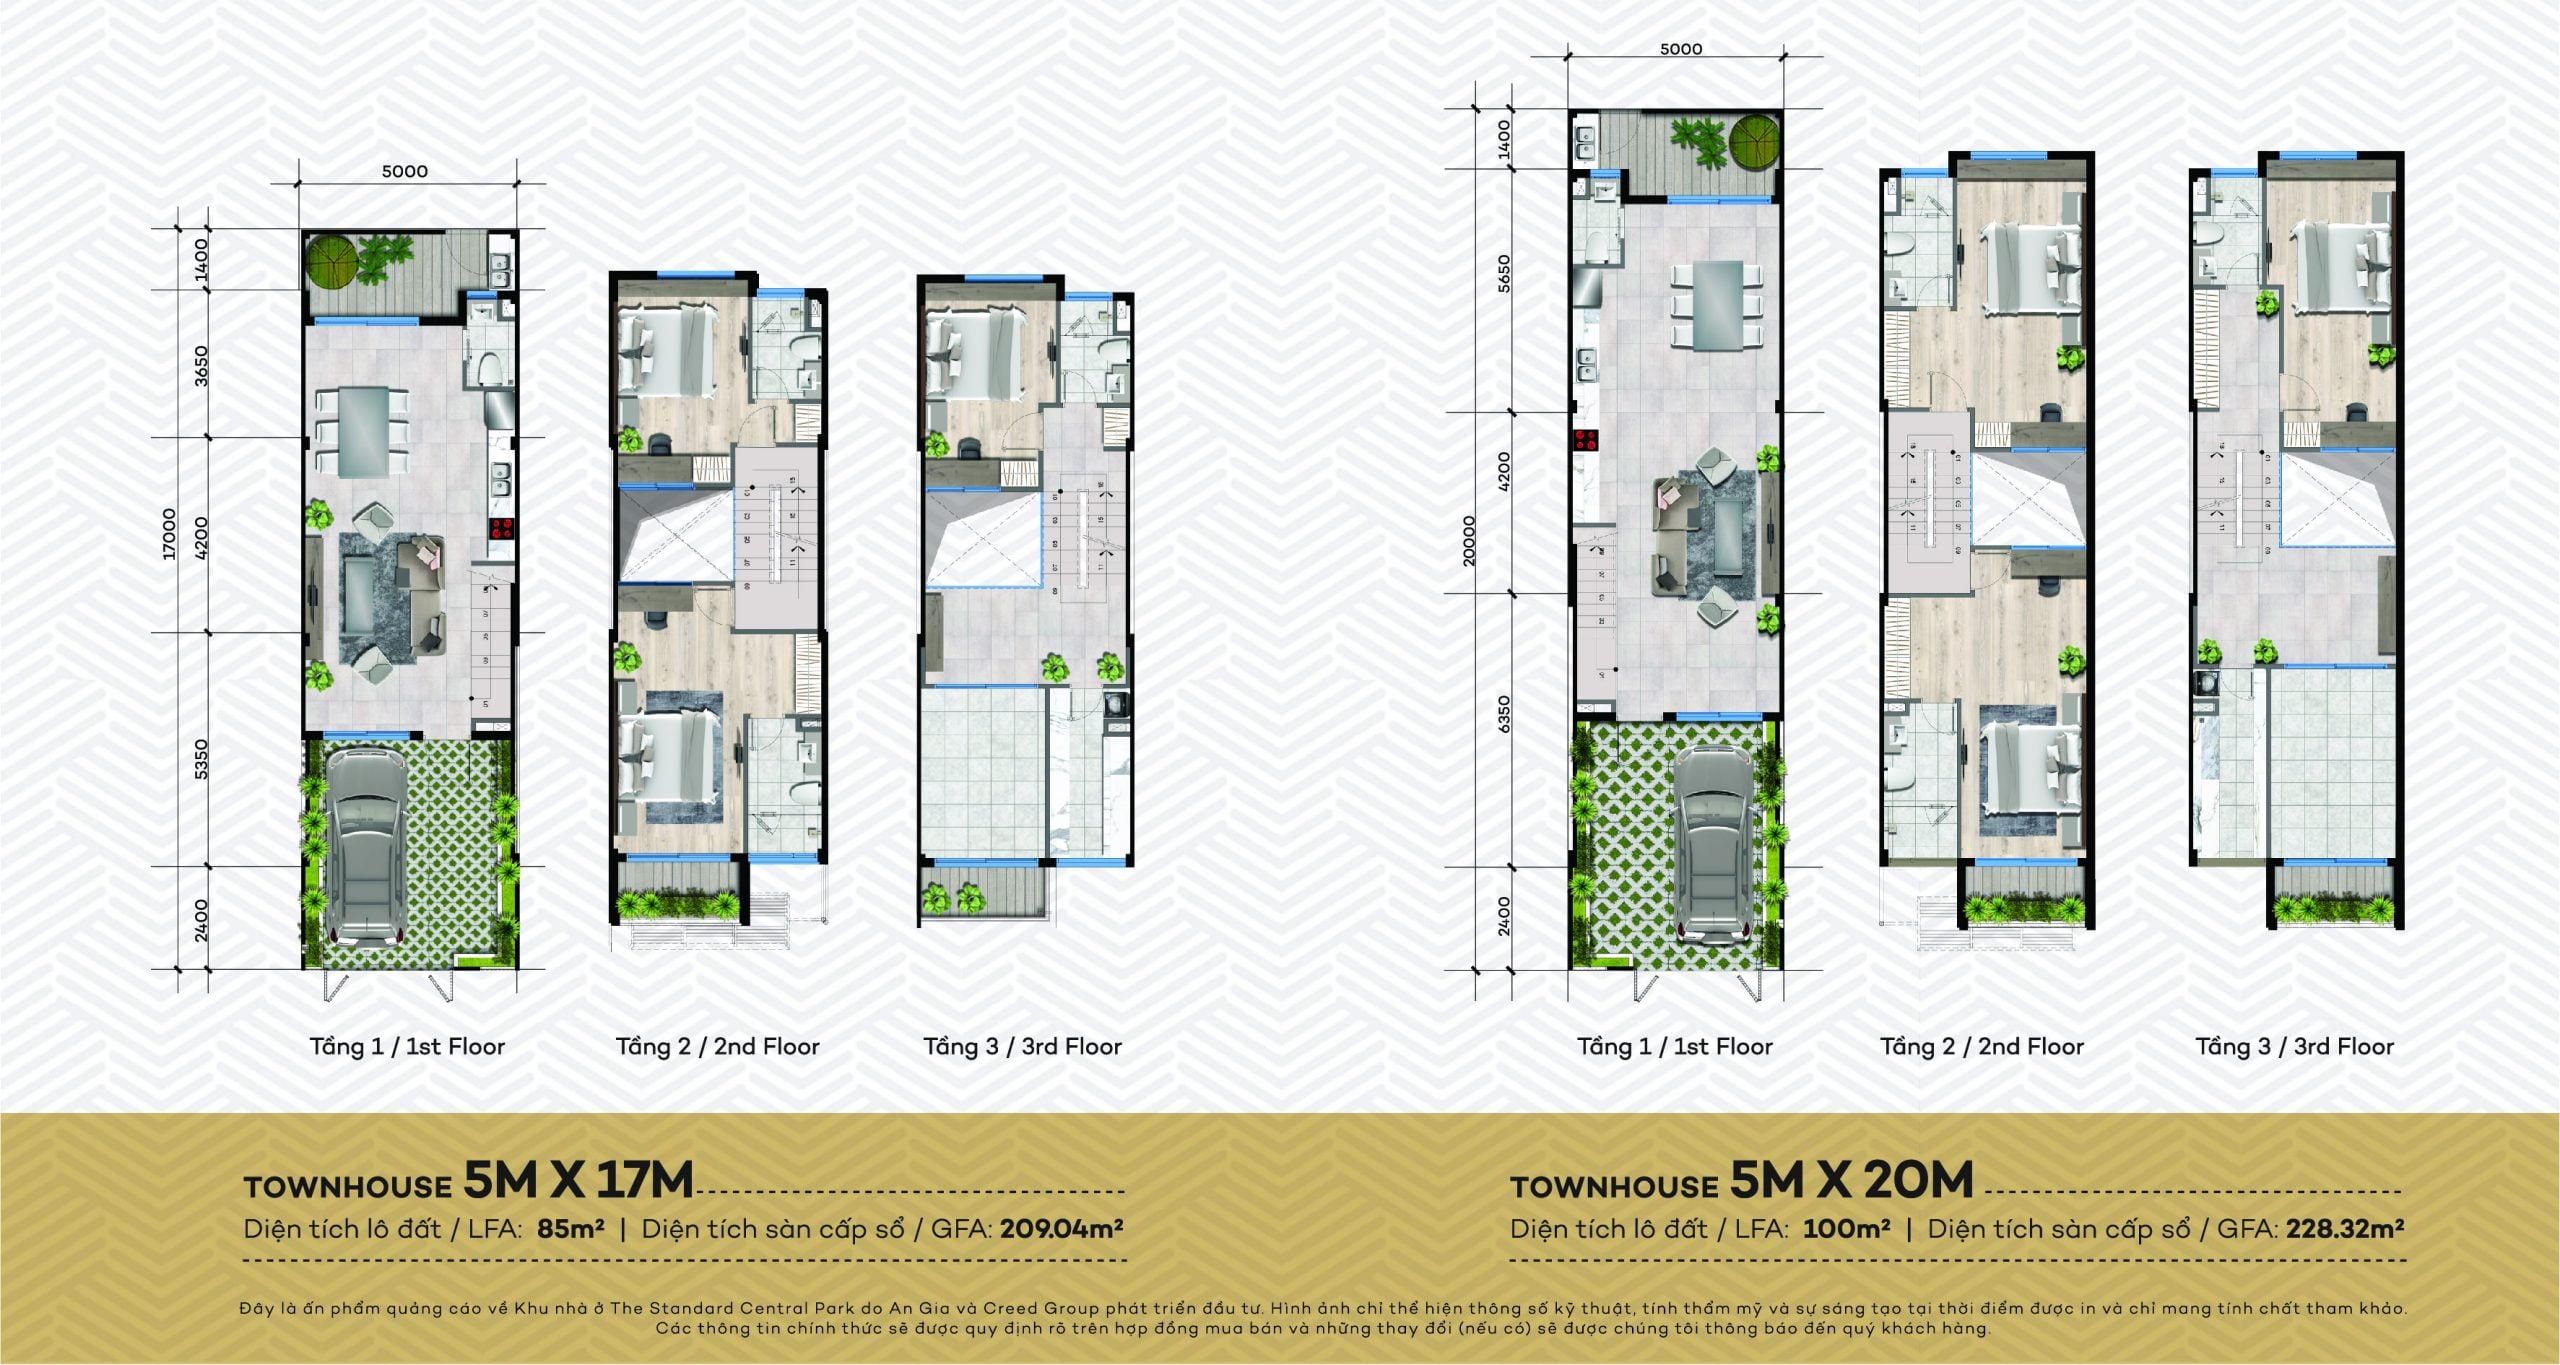 Thiết kế chi tiết dự án nhà phố The Standard Central Park